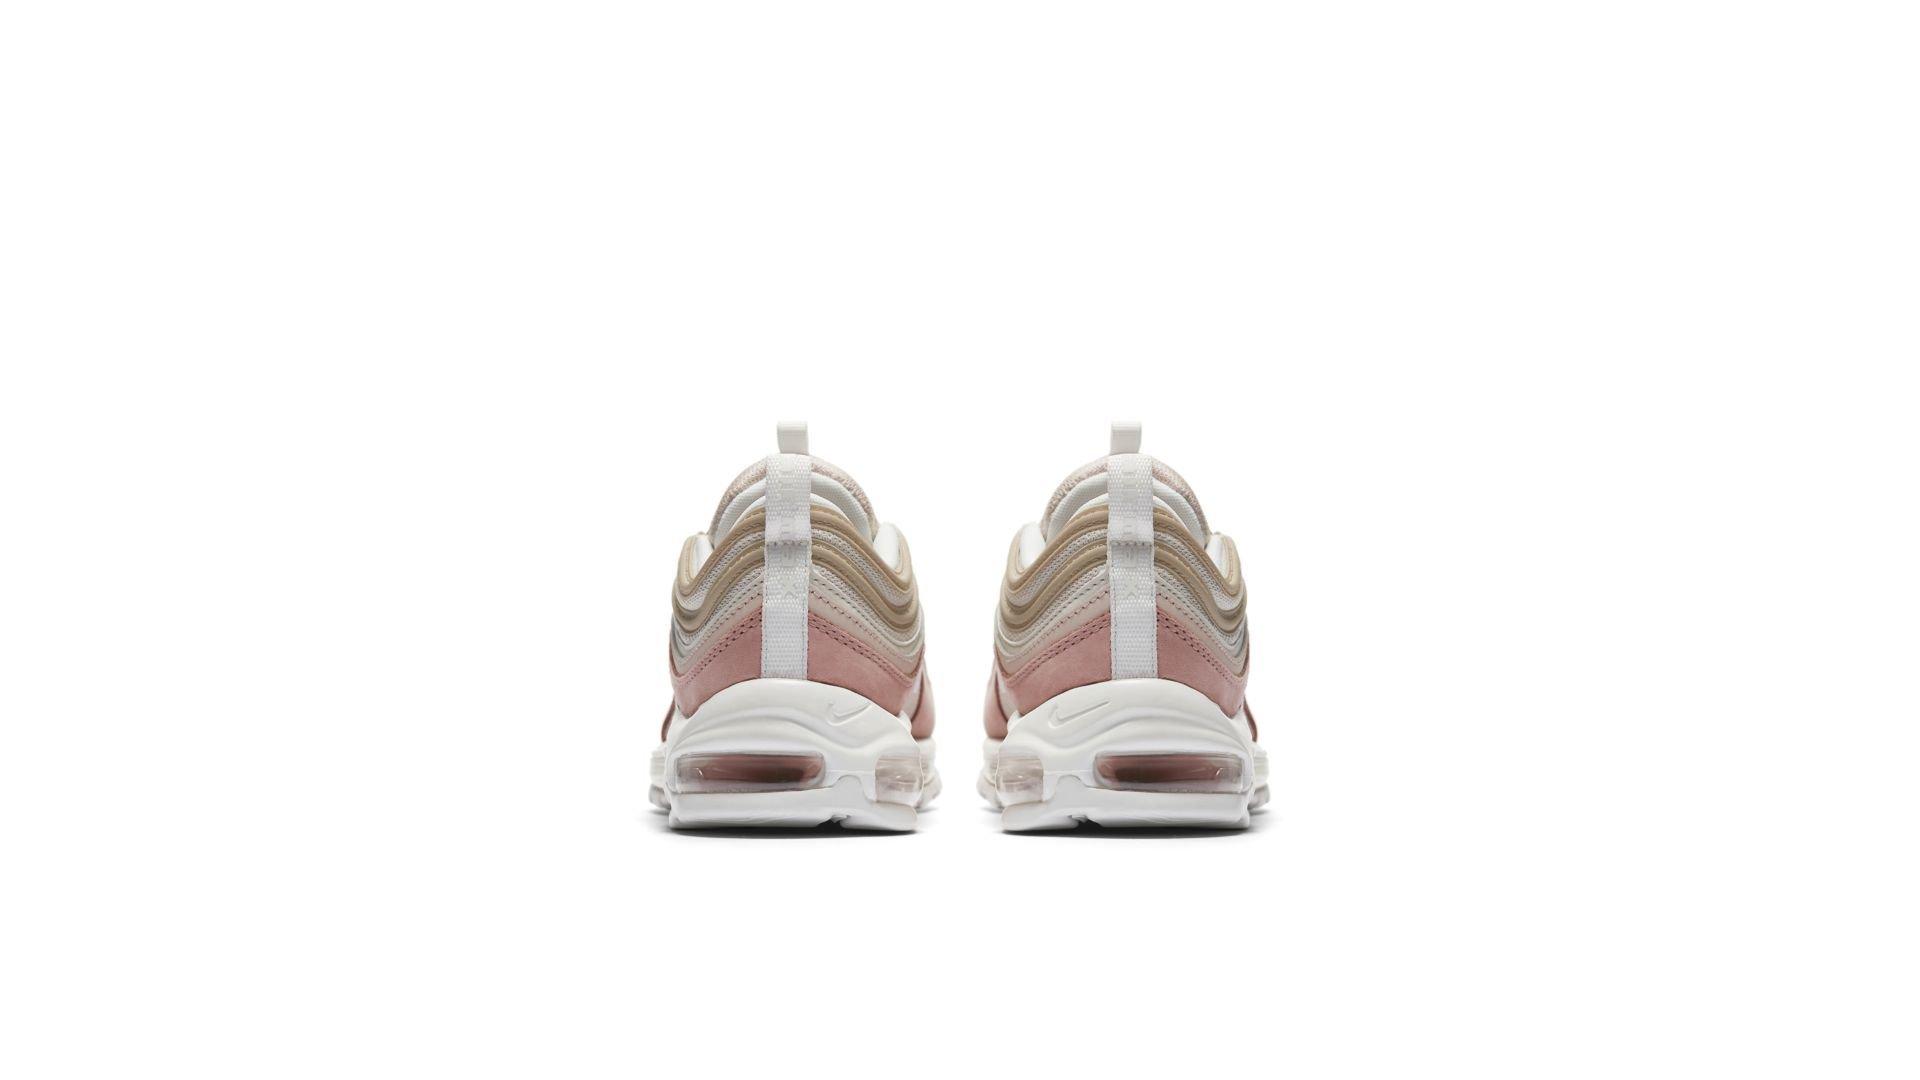 Nike Air Max 97 Premium 312834-200